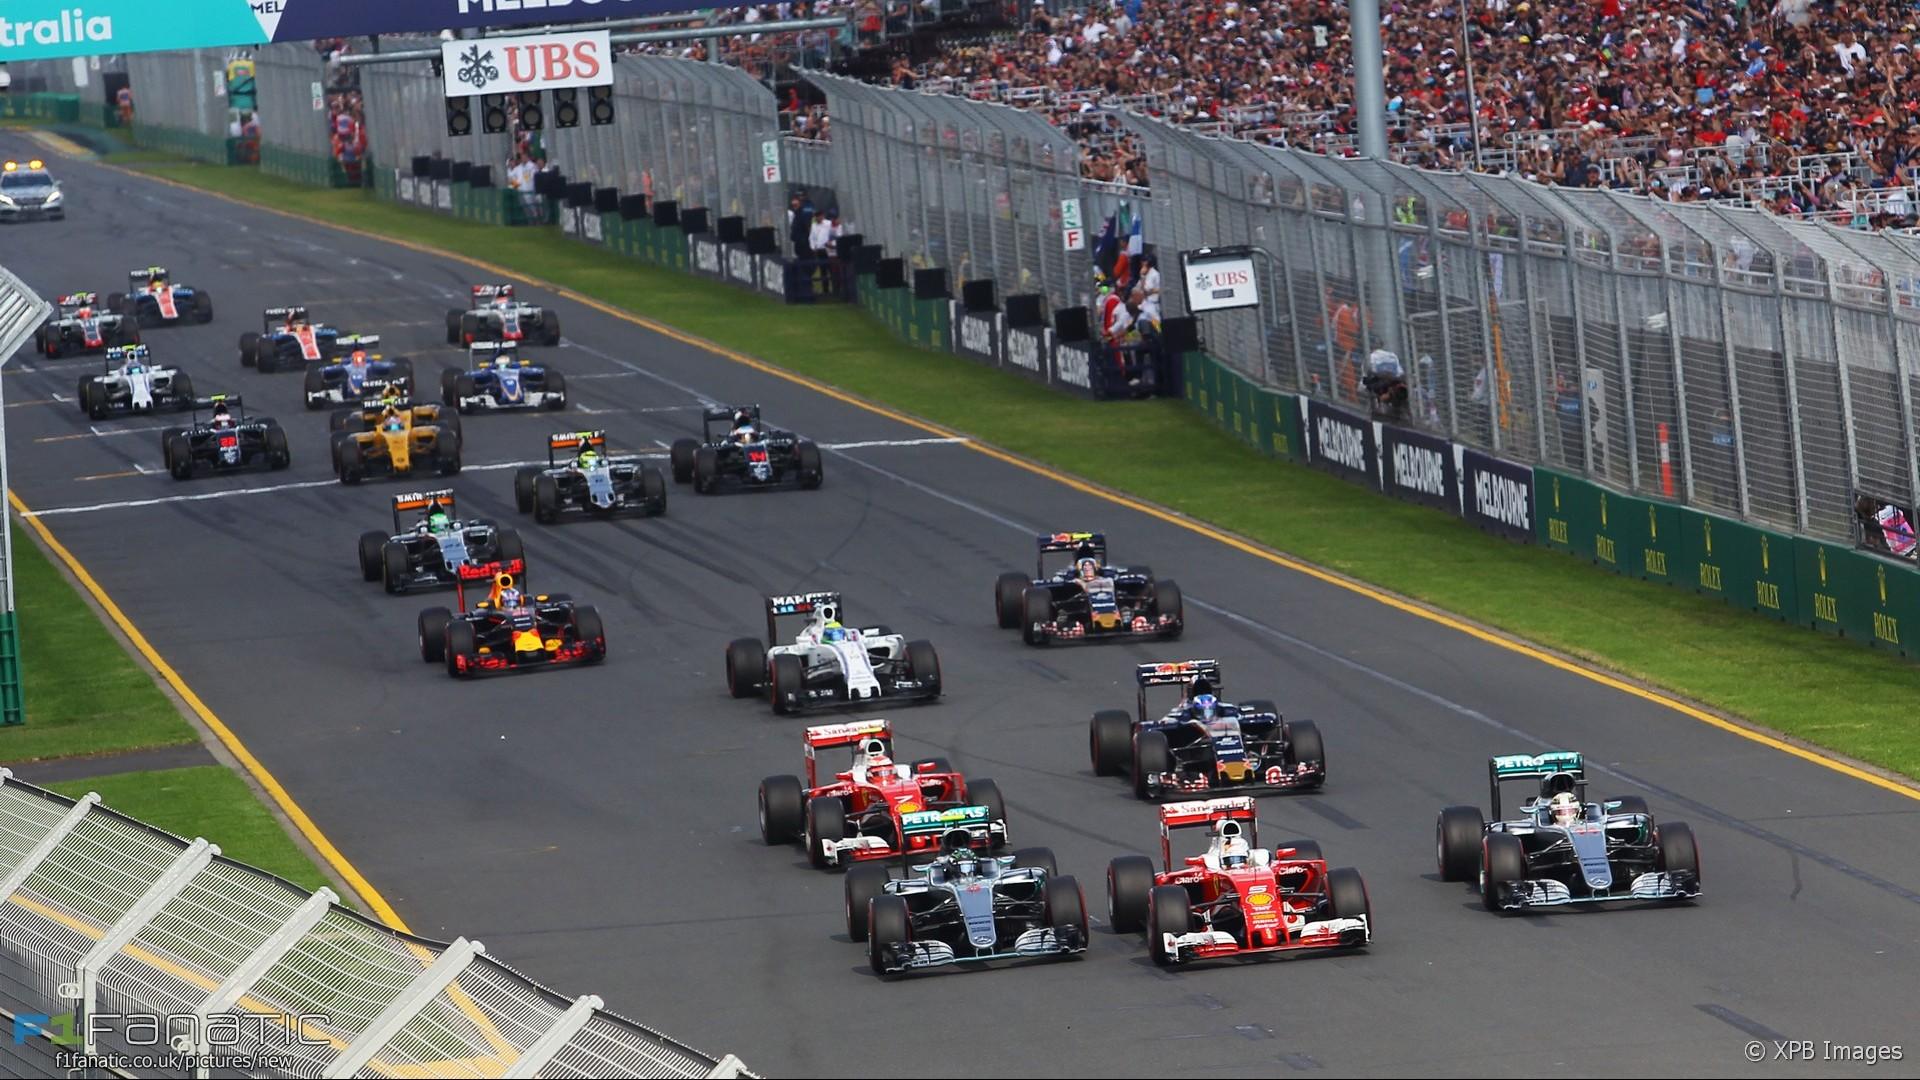 F1 2018 australia wallpaper